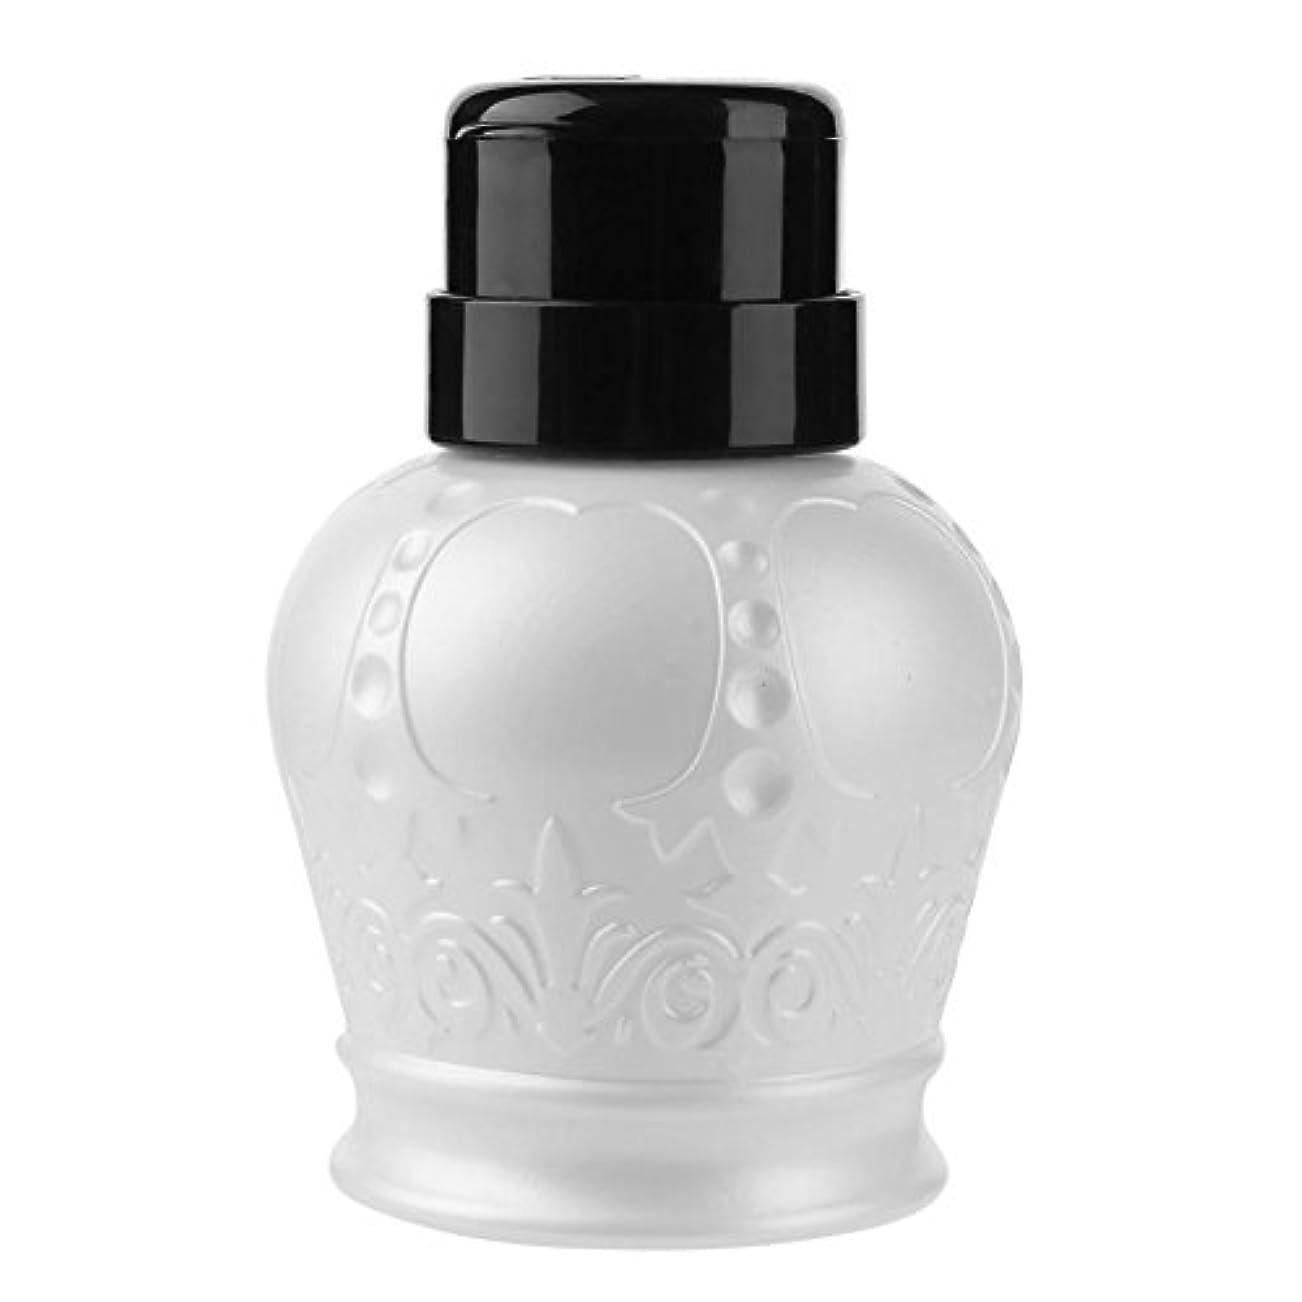 公演淡いどこかDemiawaking 詰め替え容器  乳液  化粧水  コンディショナー クリーム シャンプー 調味料入れ ホテル 旅行用品  出張用 多機能